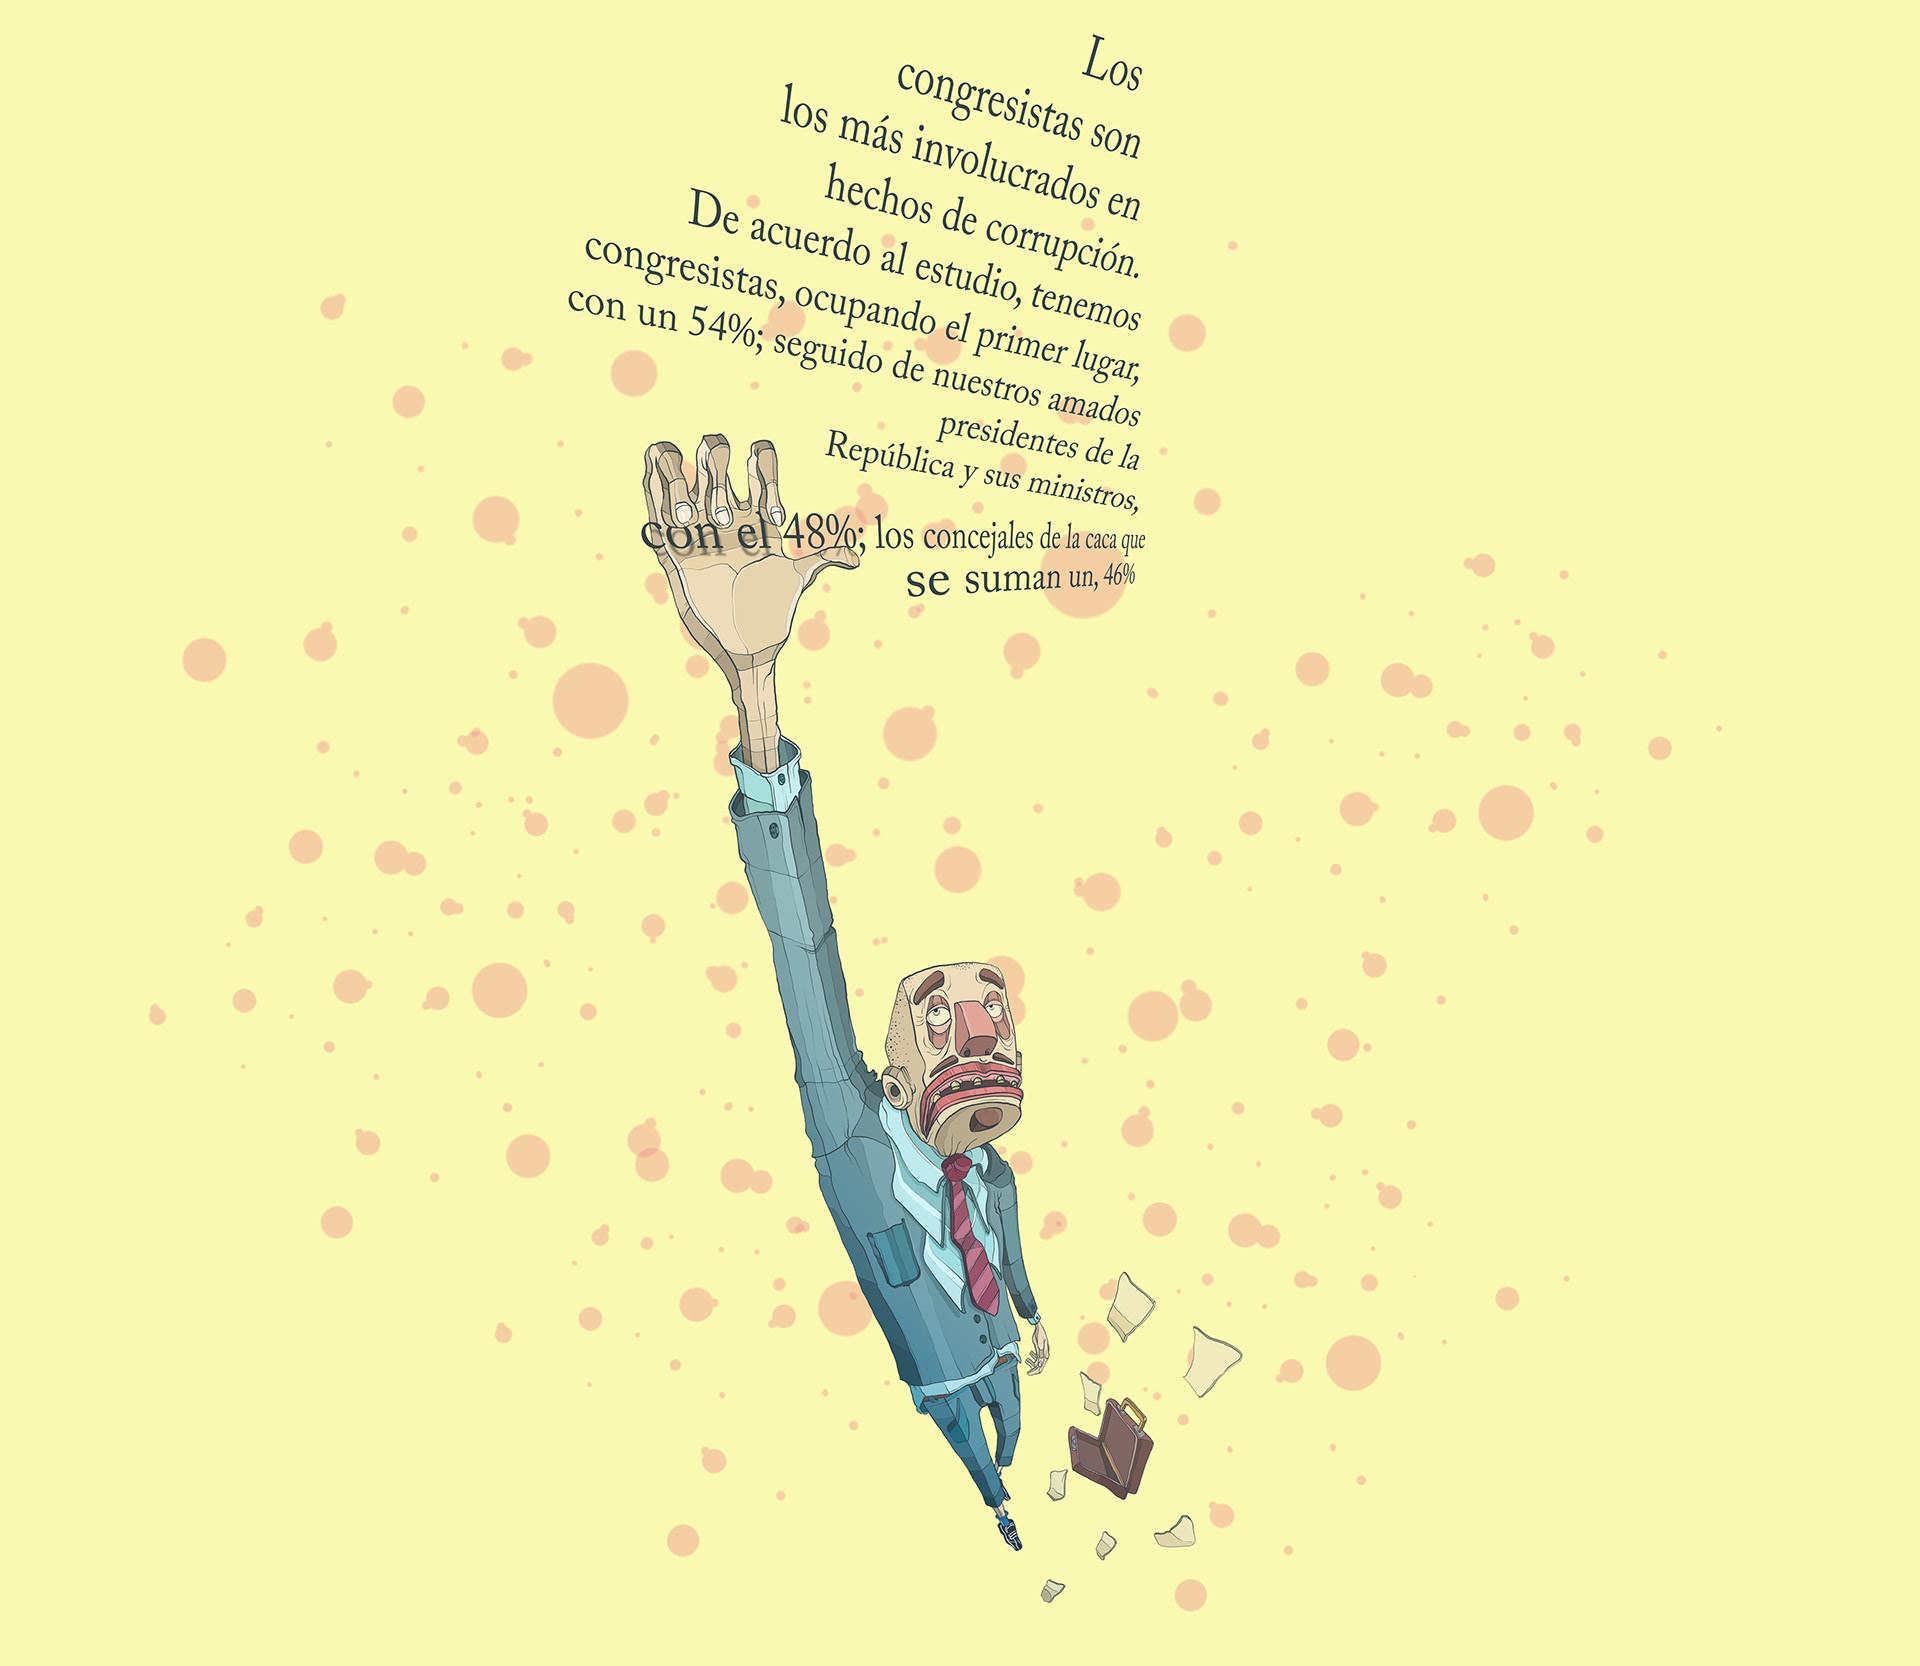 El ilustrador 2a675b64678295 5ae49cac63d24